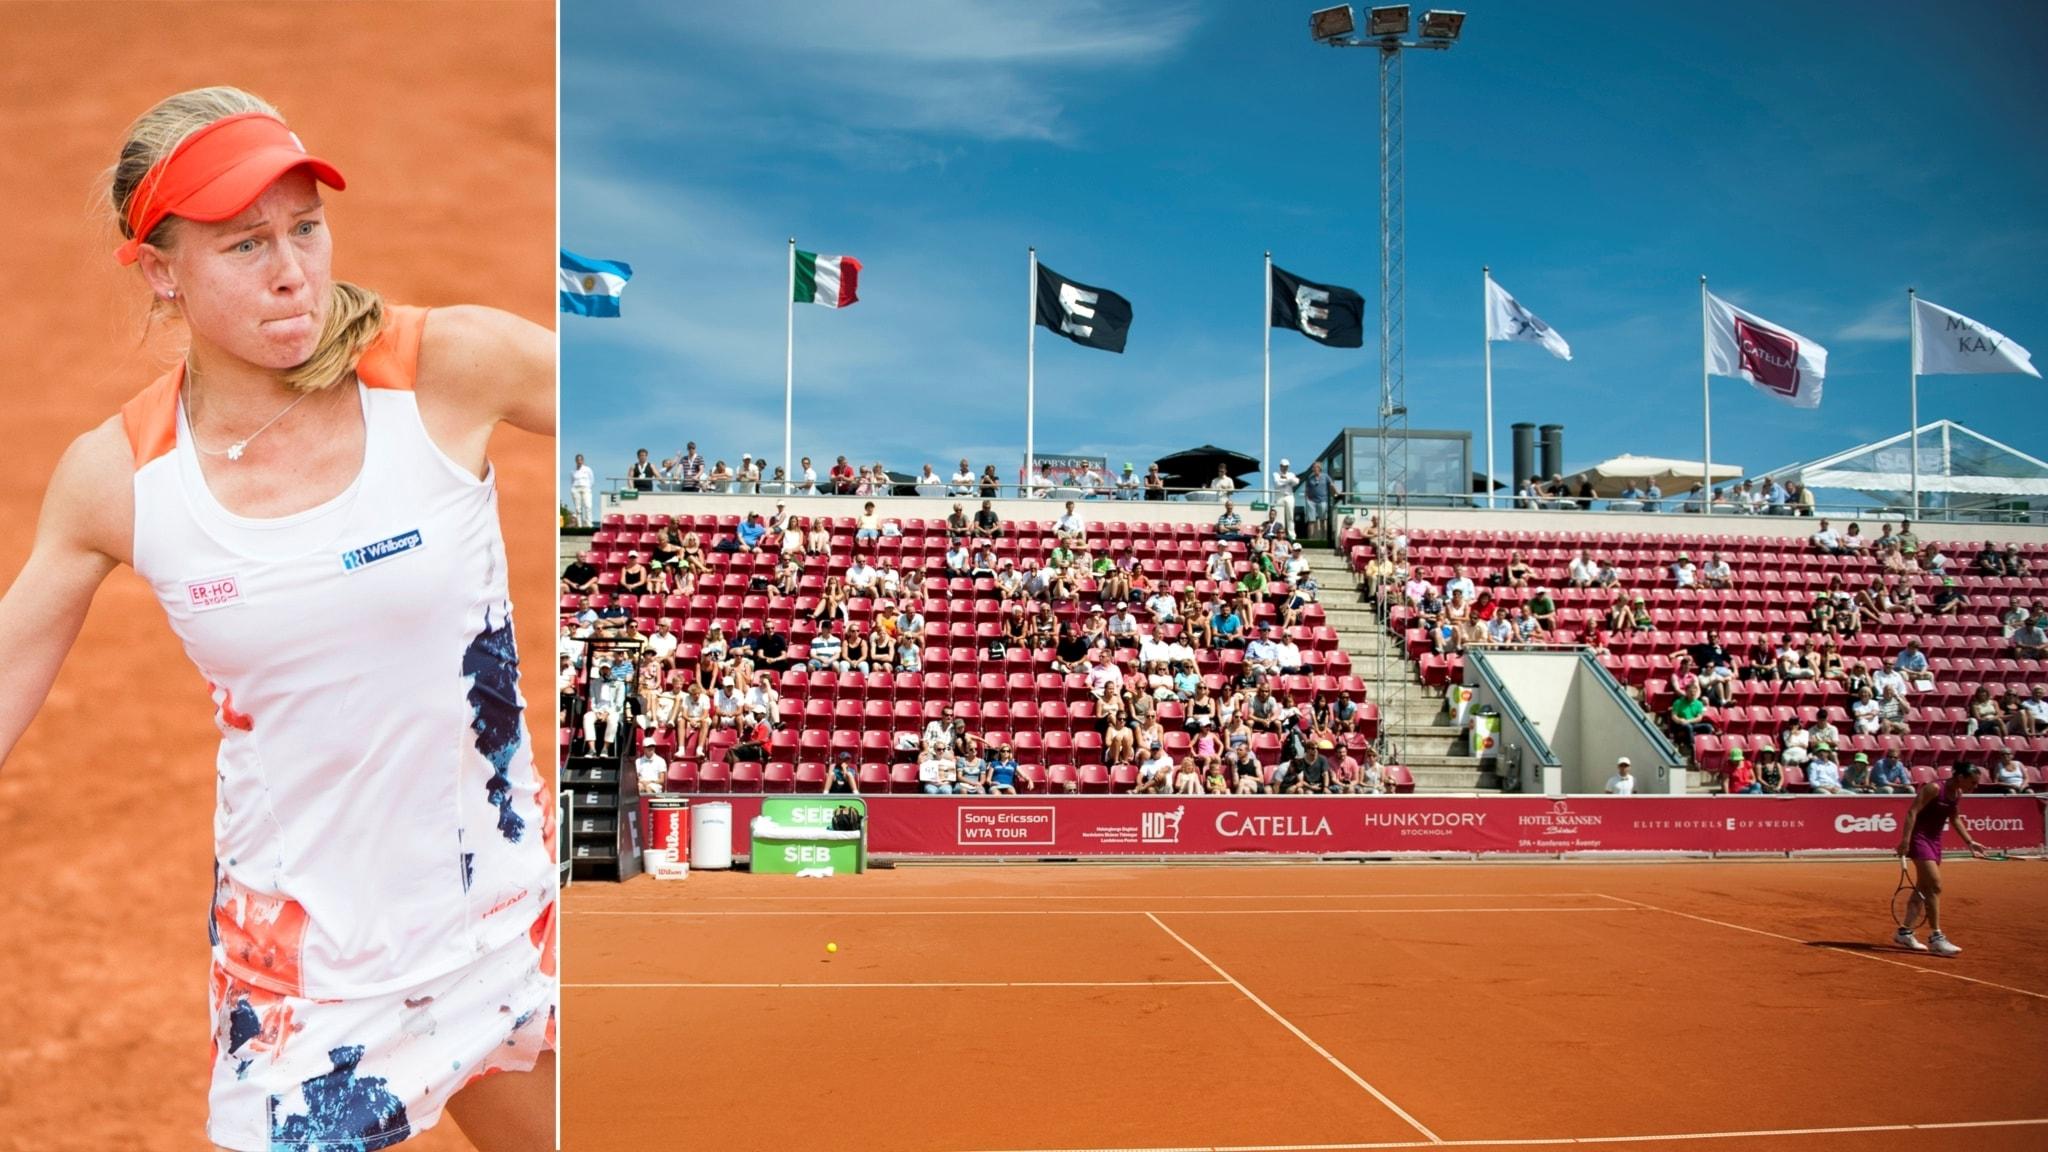 WTA tennisen gör comeback i Båstad P4 Malmöhus   Sveriges